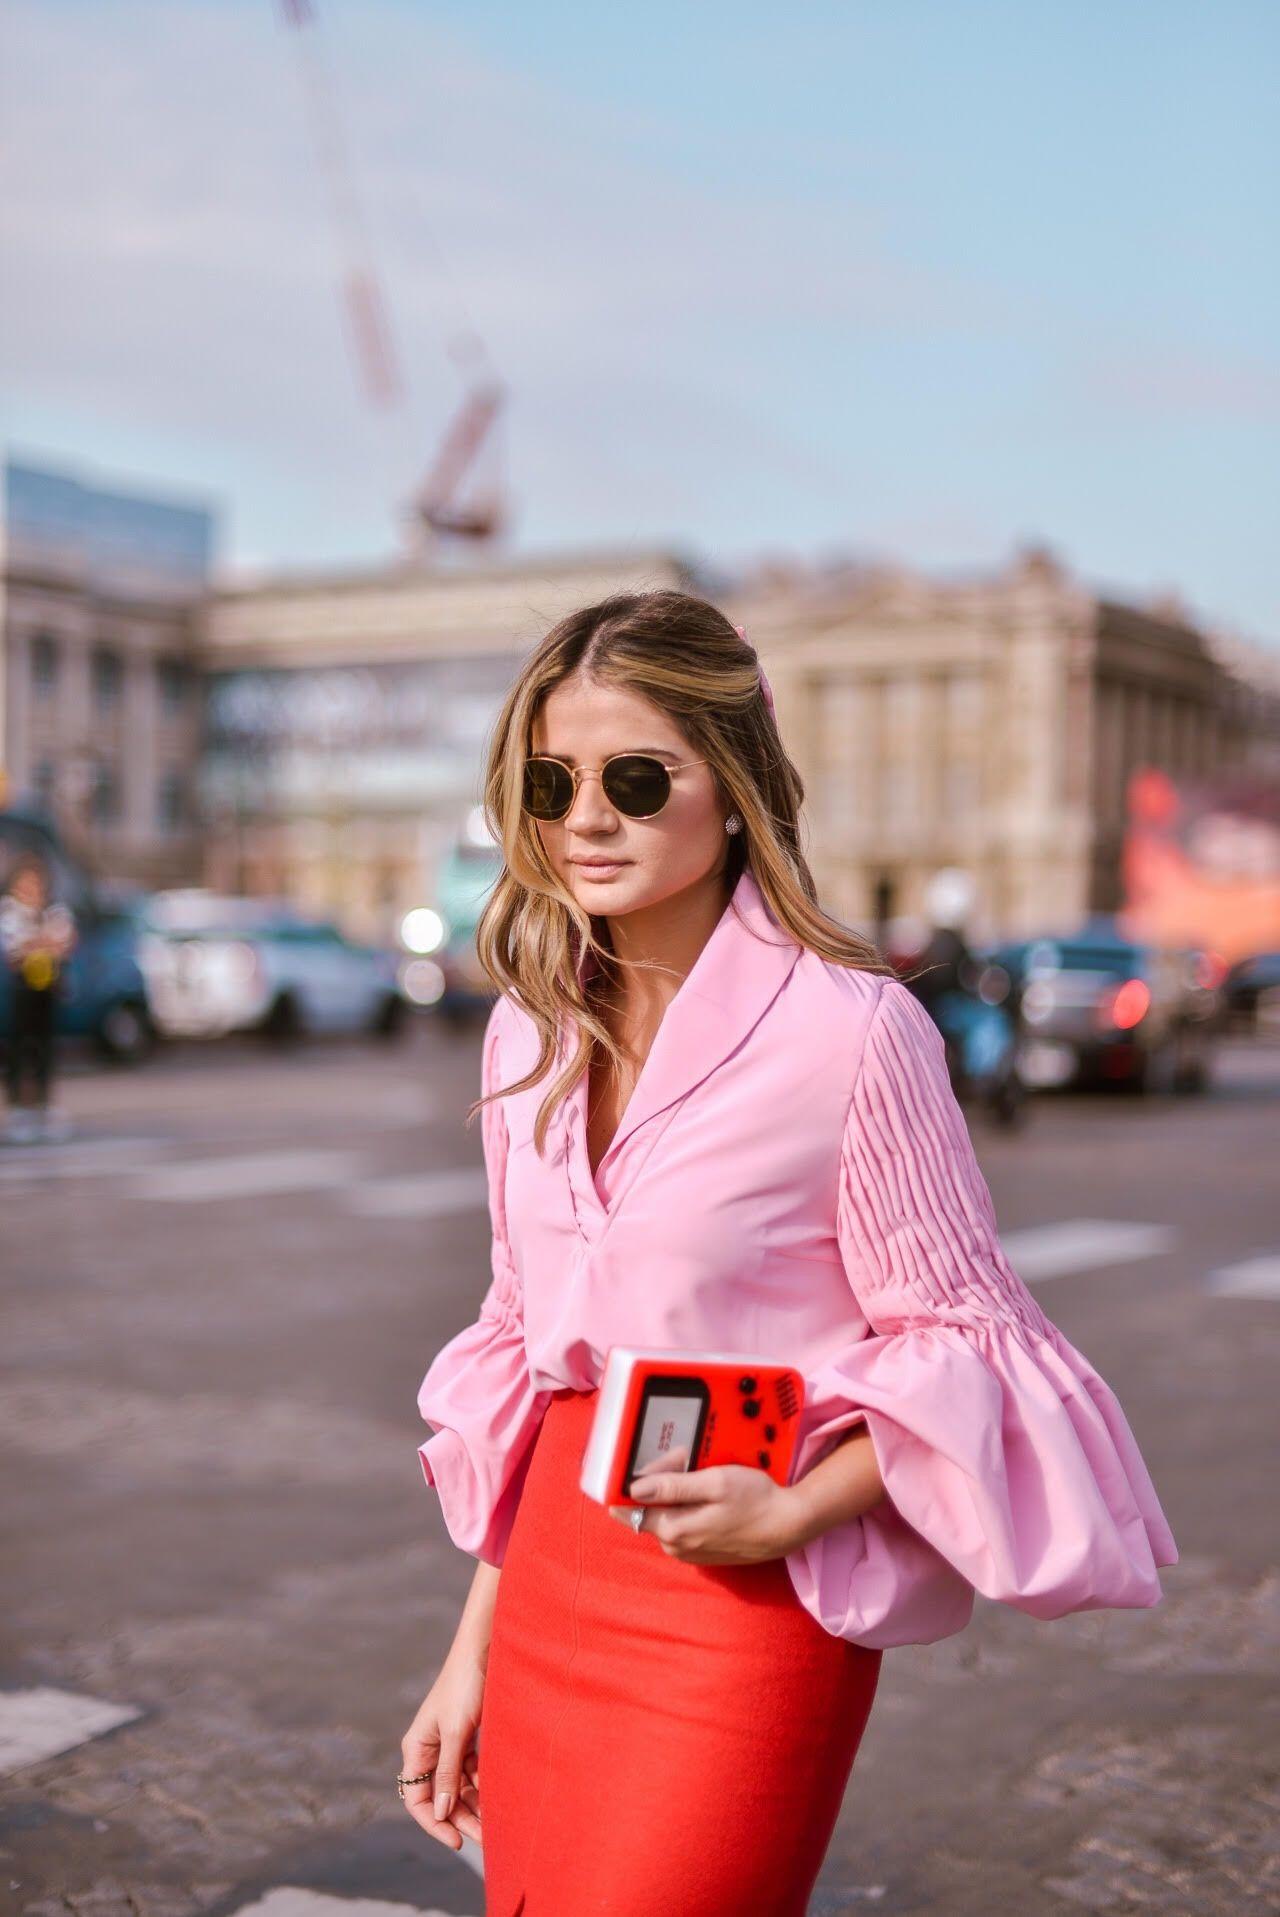 Rosa e laranja | FASHION FILE | Pinterest | Naranja, Blusas y Rosas